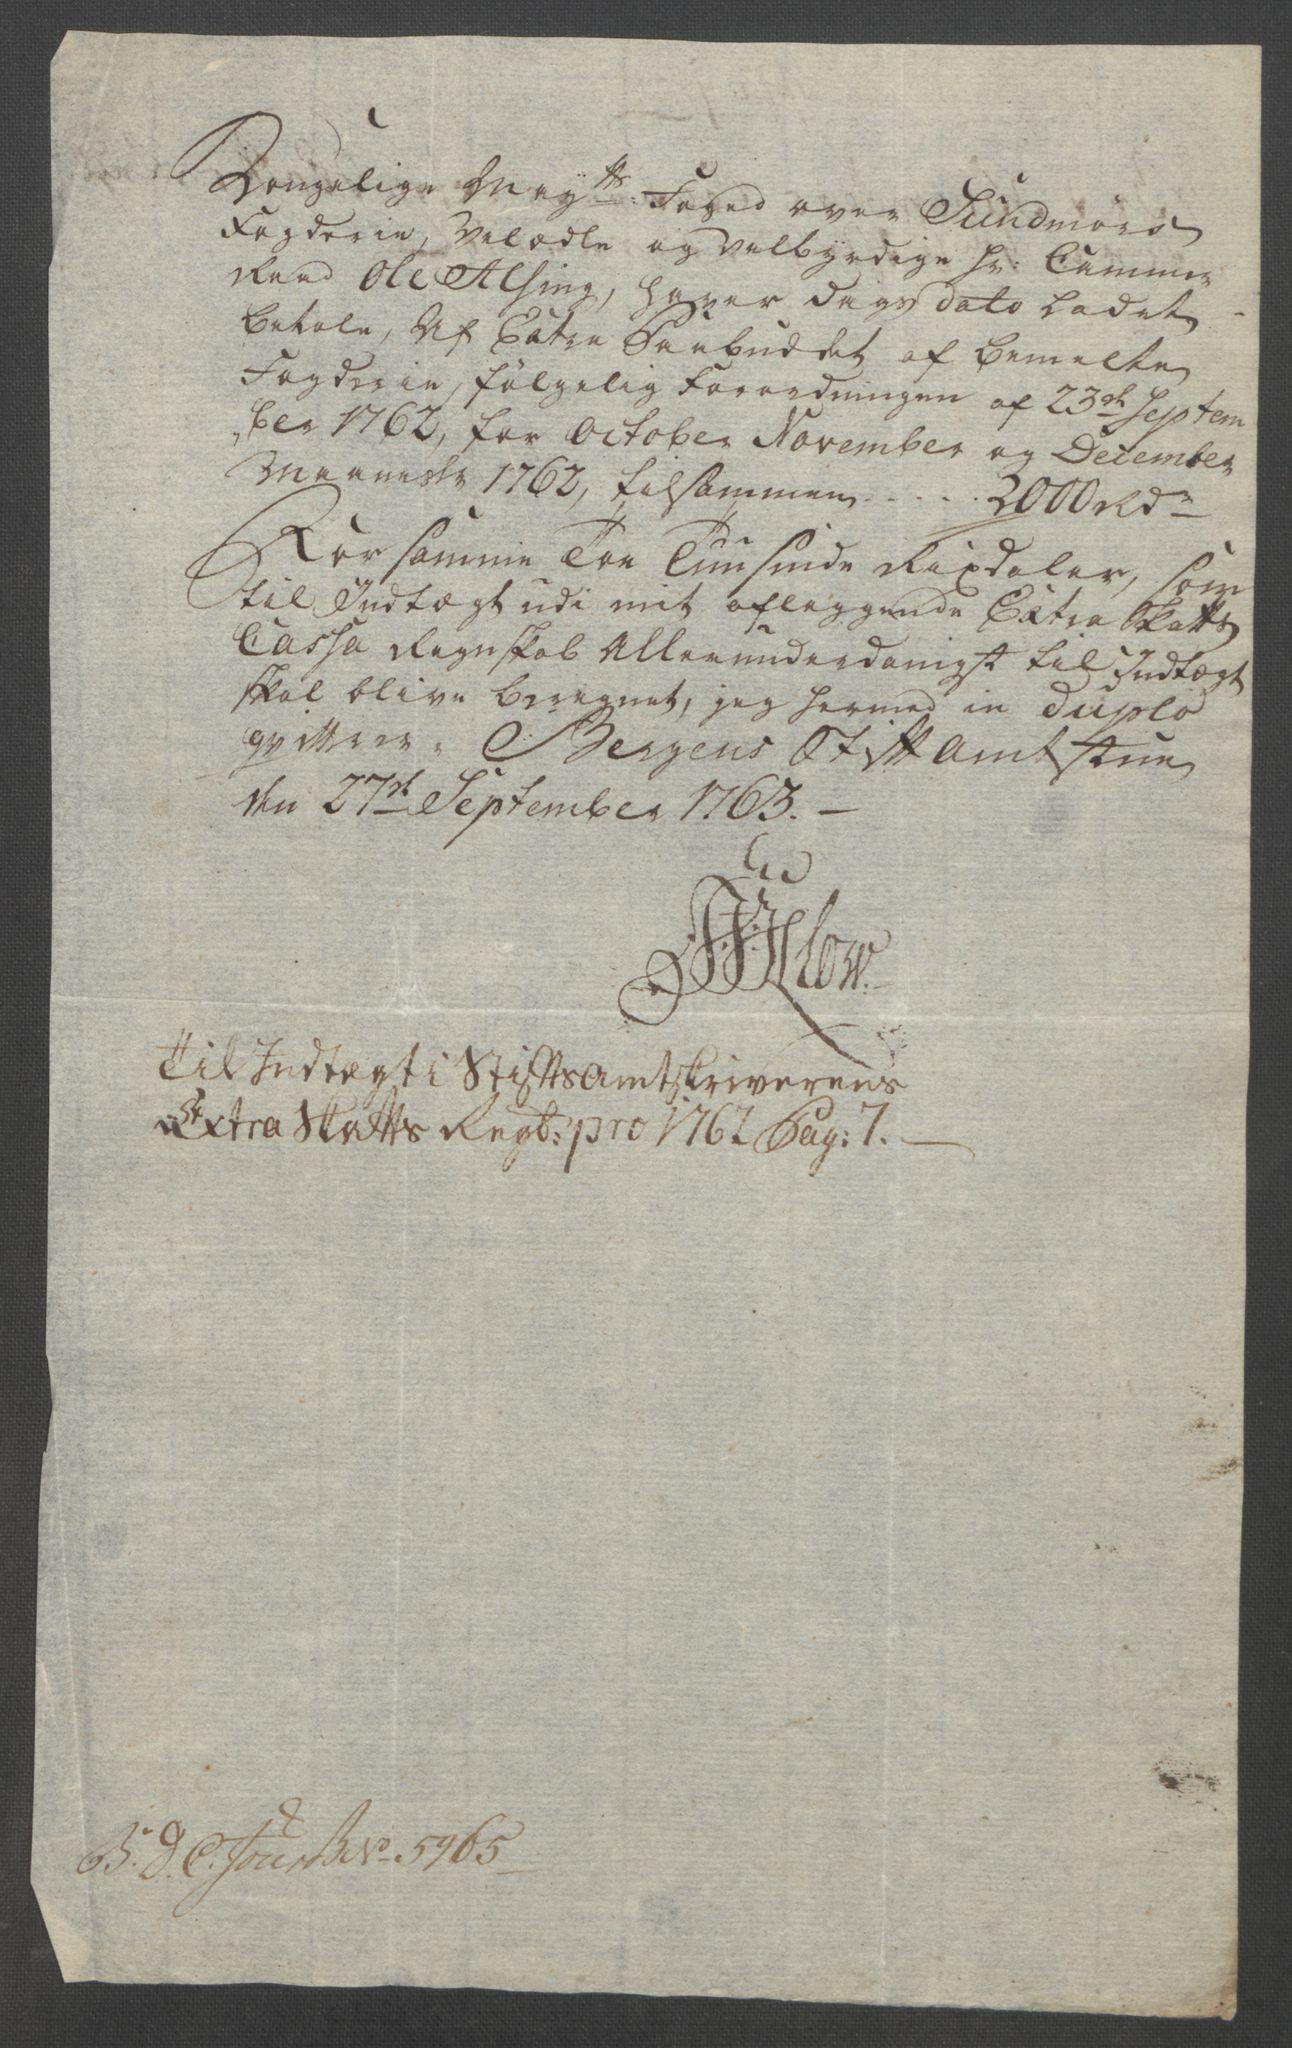 RA, Rentekammeret inntil 1814, Reviderte regnskaper, Fogderegnskap, R54/L3645: Ekstraskatten Sunnmøre, 1762-1772, s. 12